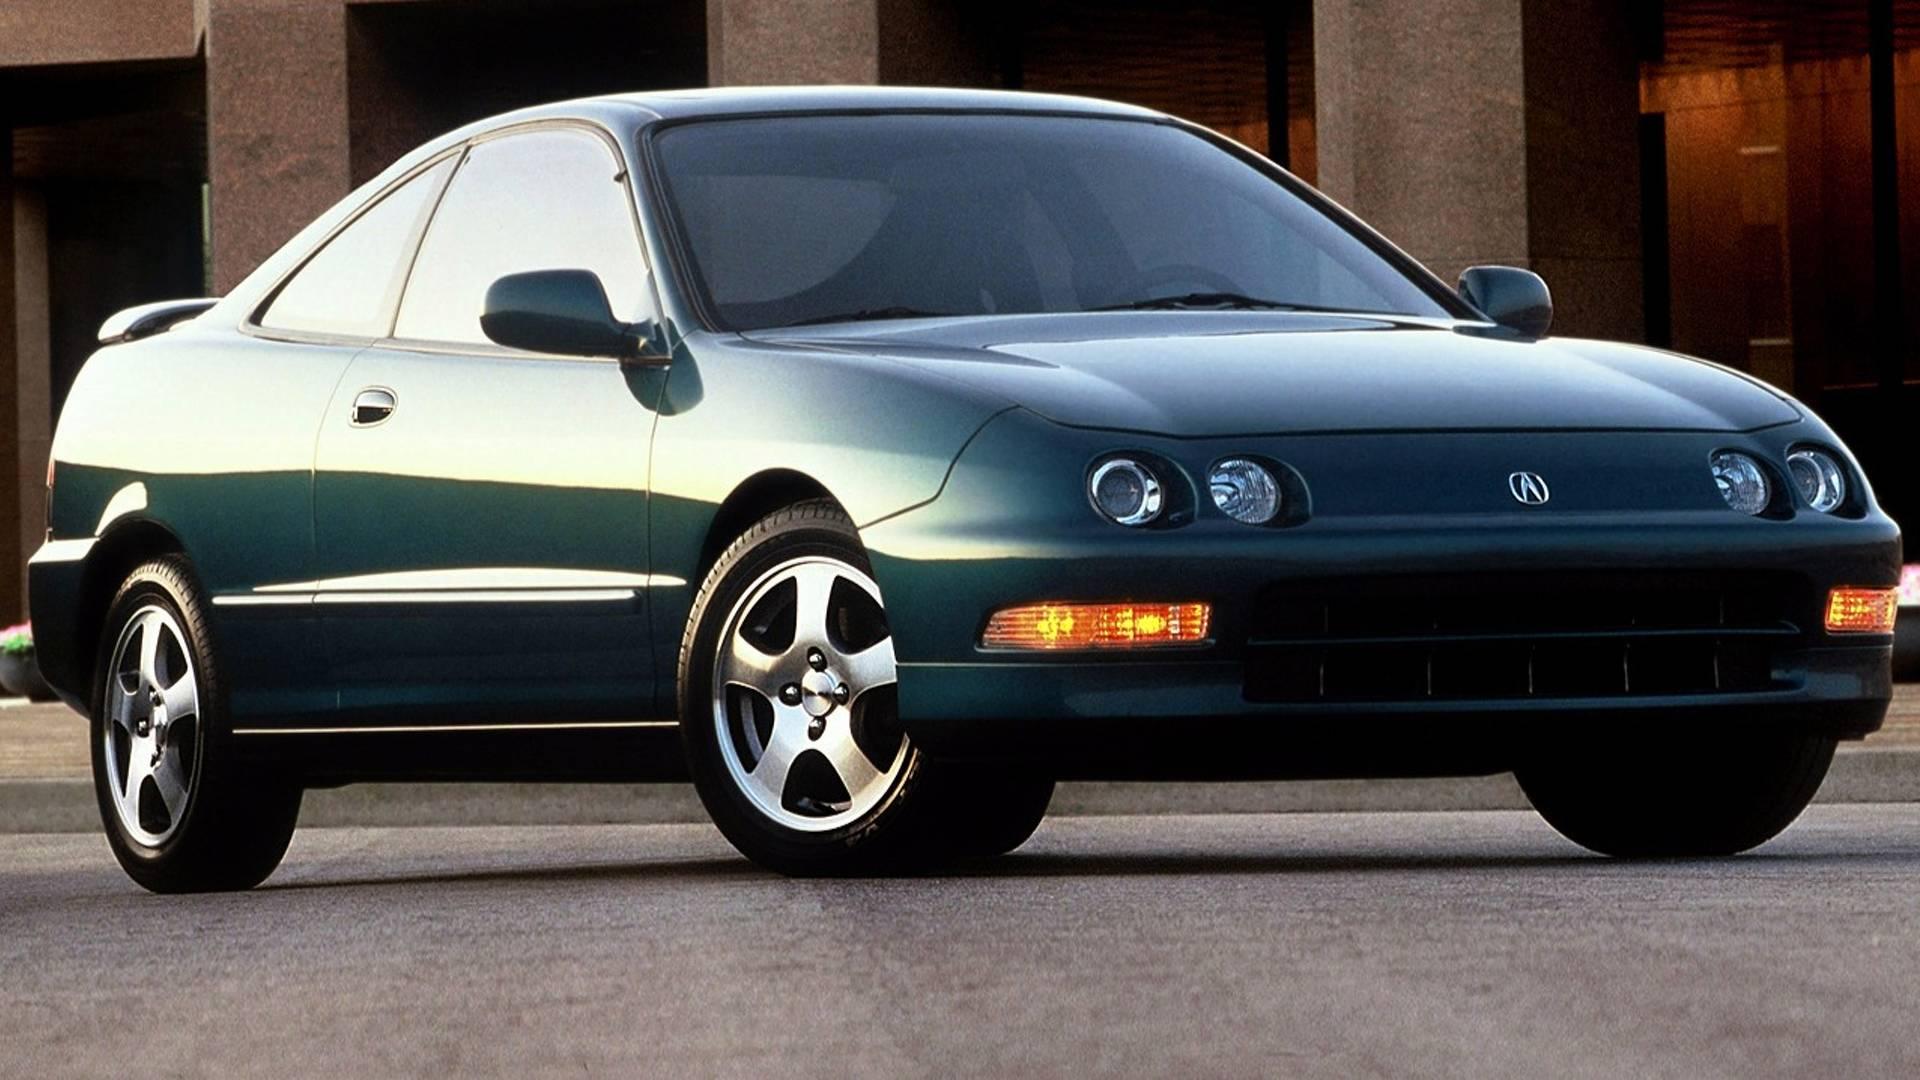 Это возрожденное купе Acura Integra или действительно хорошая подделка?